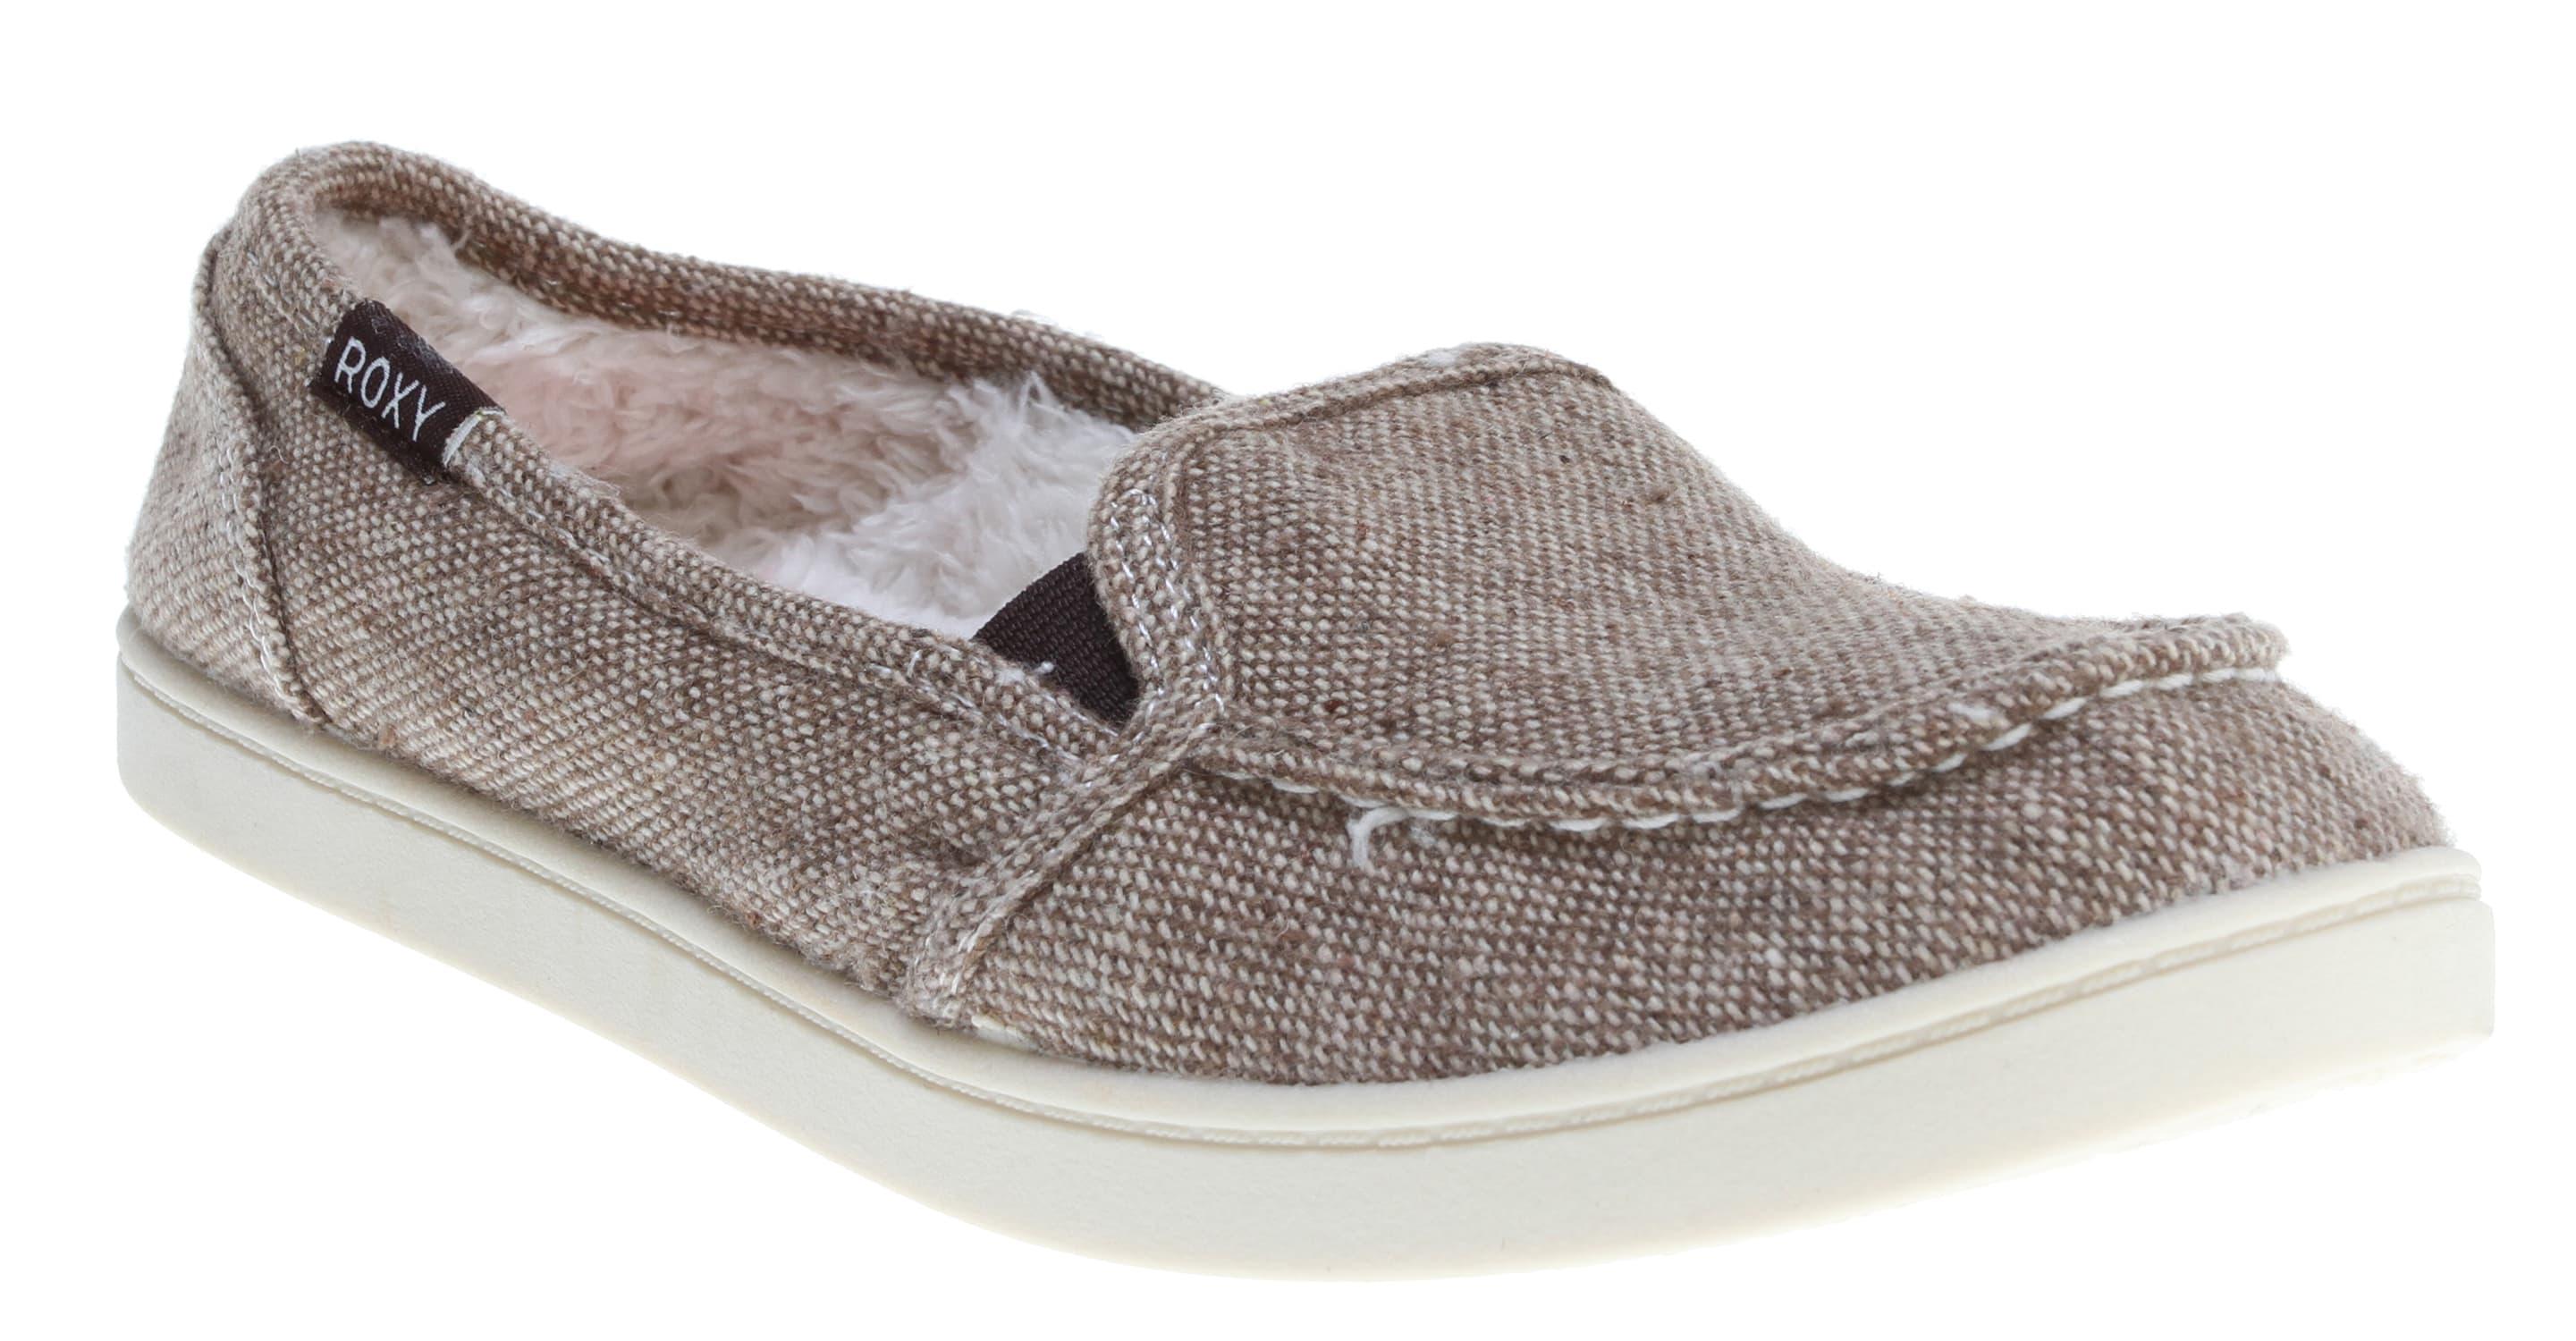 bb5a431b2978 Roxy Lido Wool Shoes - thumbnail 2